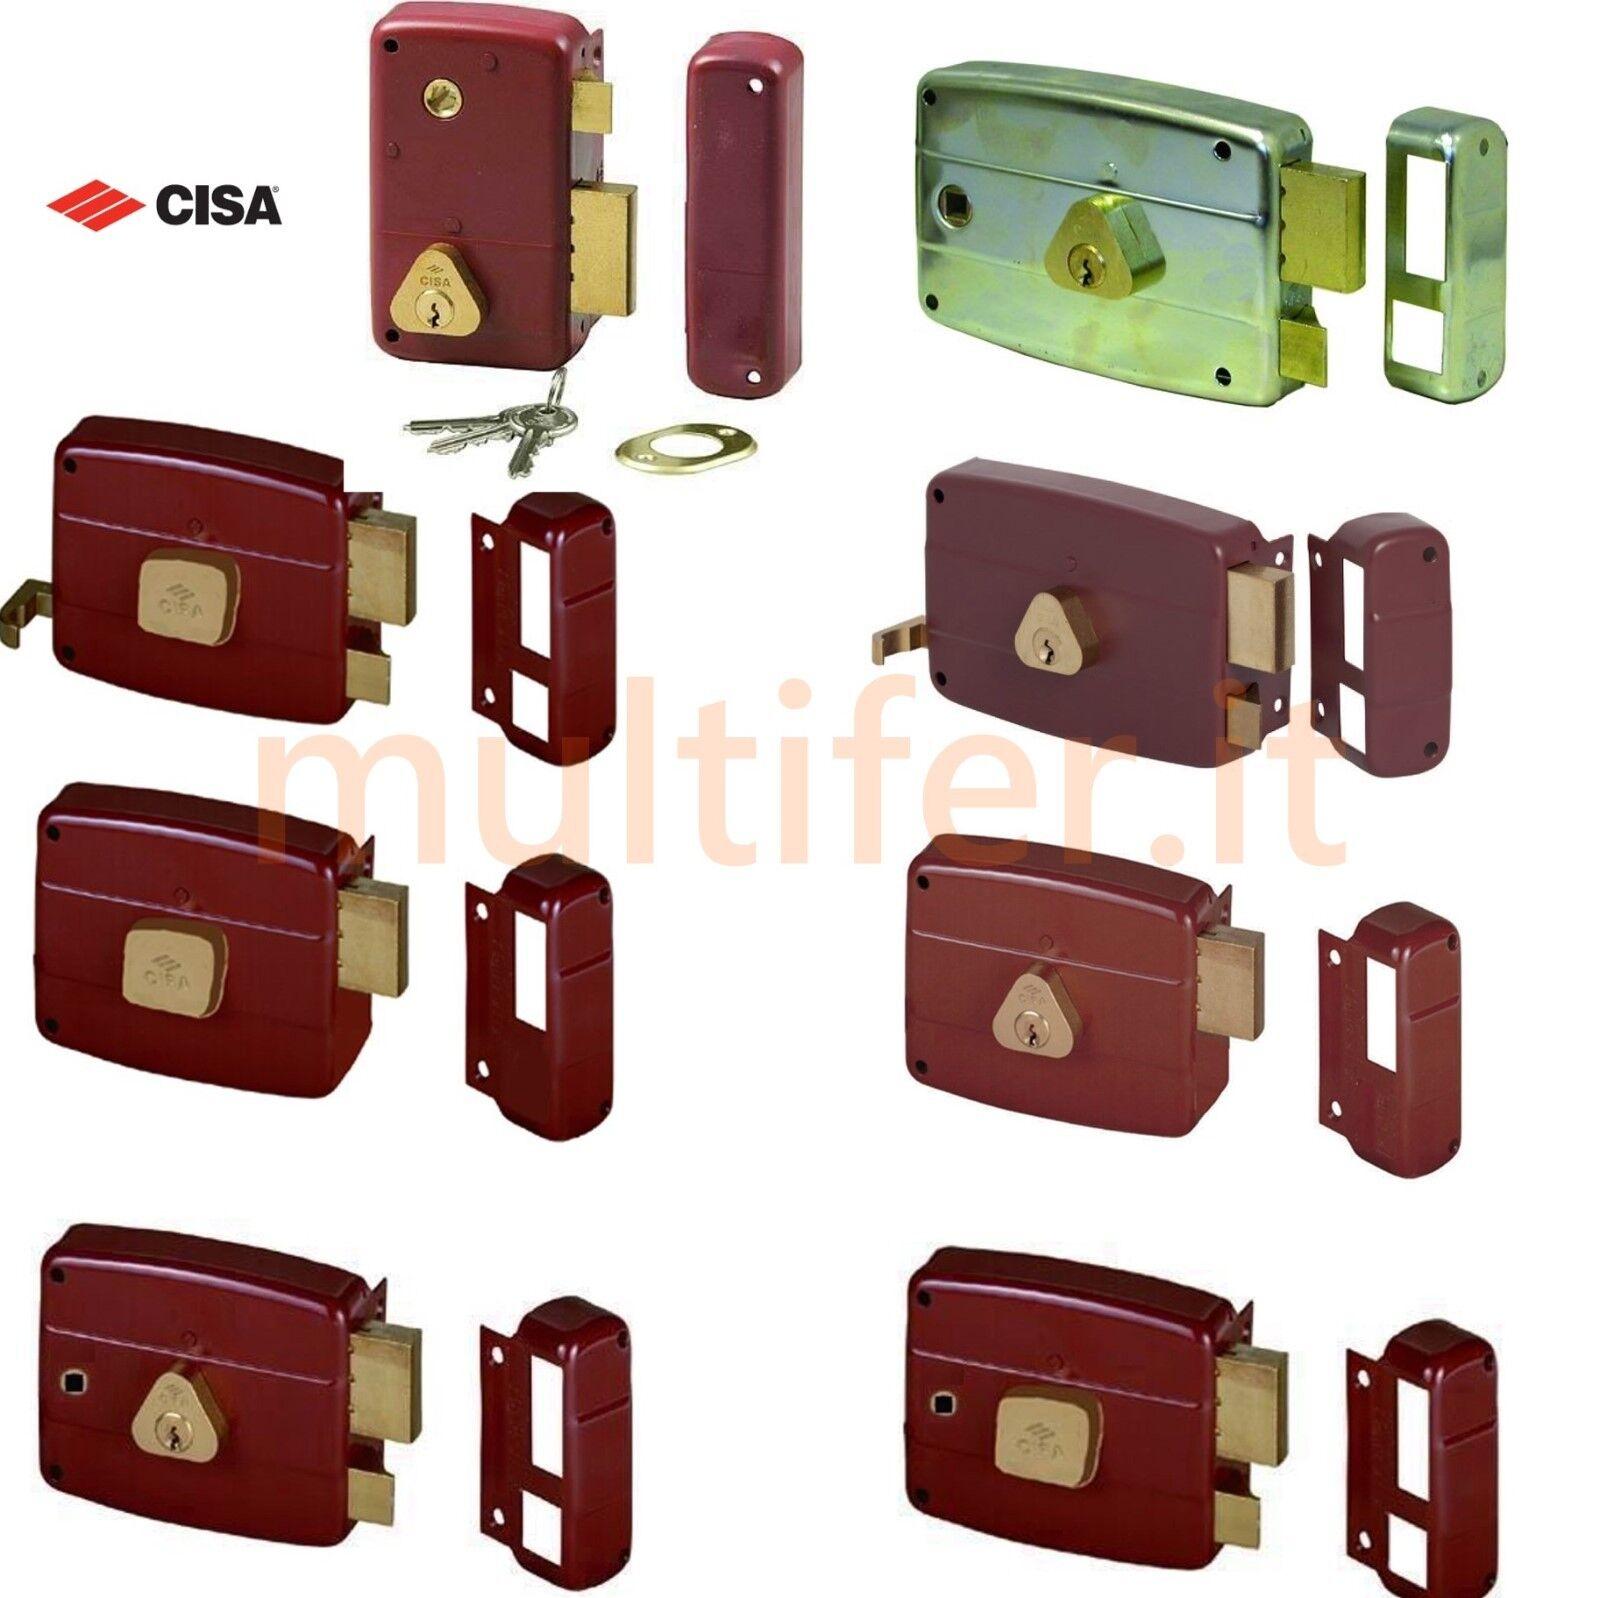 Entrata Destra per Porte Legno 70 mm Cisa 50131 Serratura da Applicare